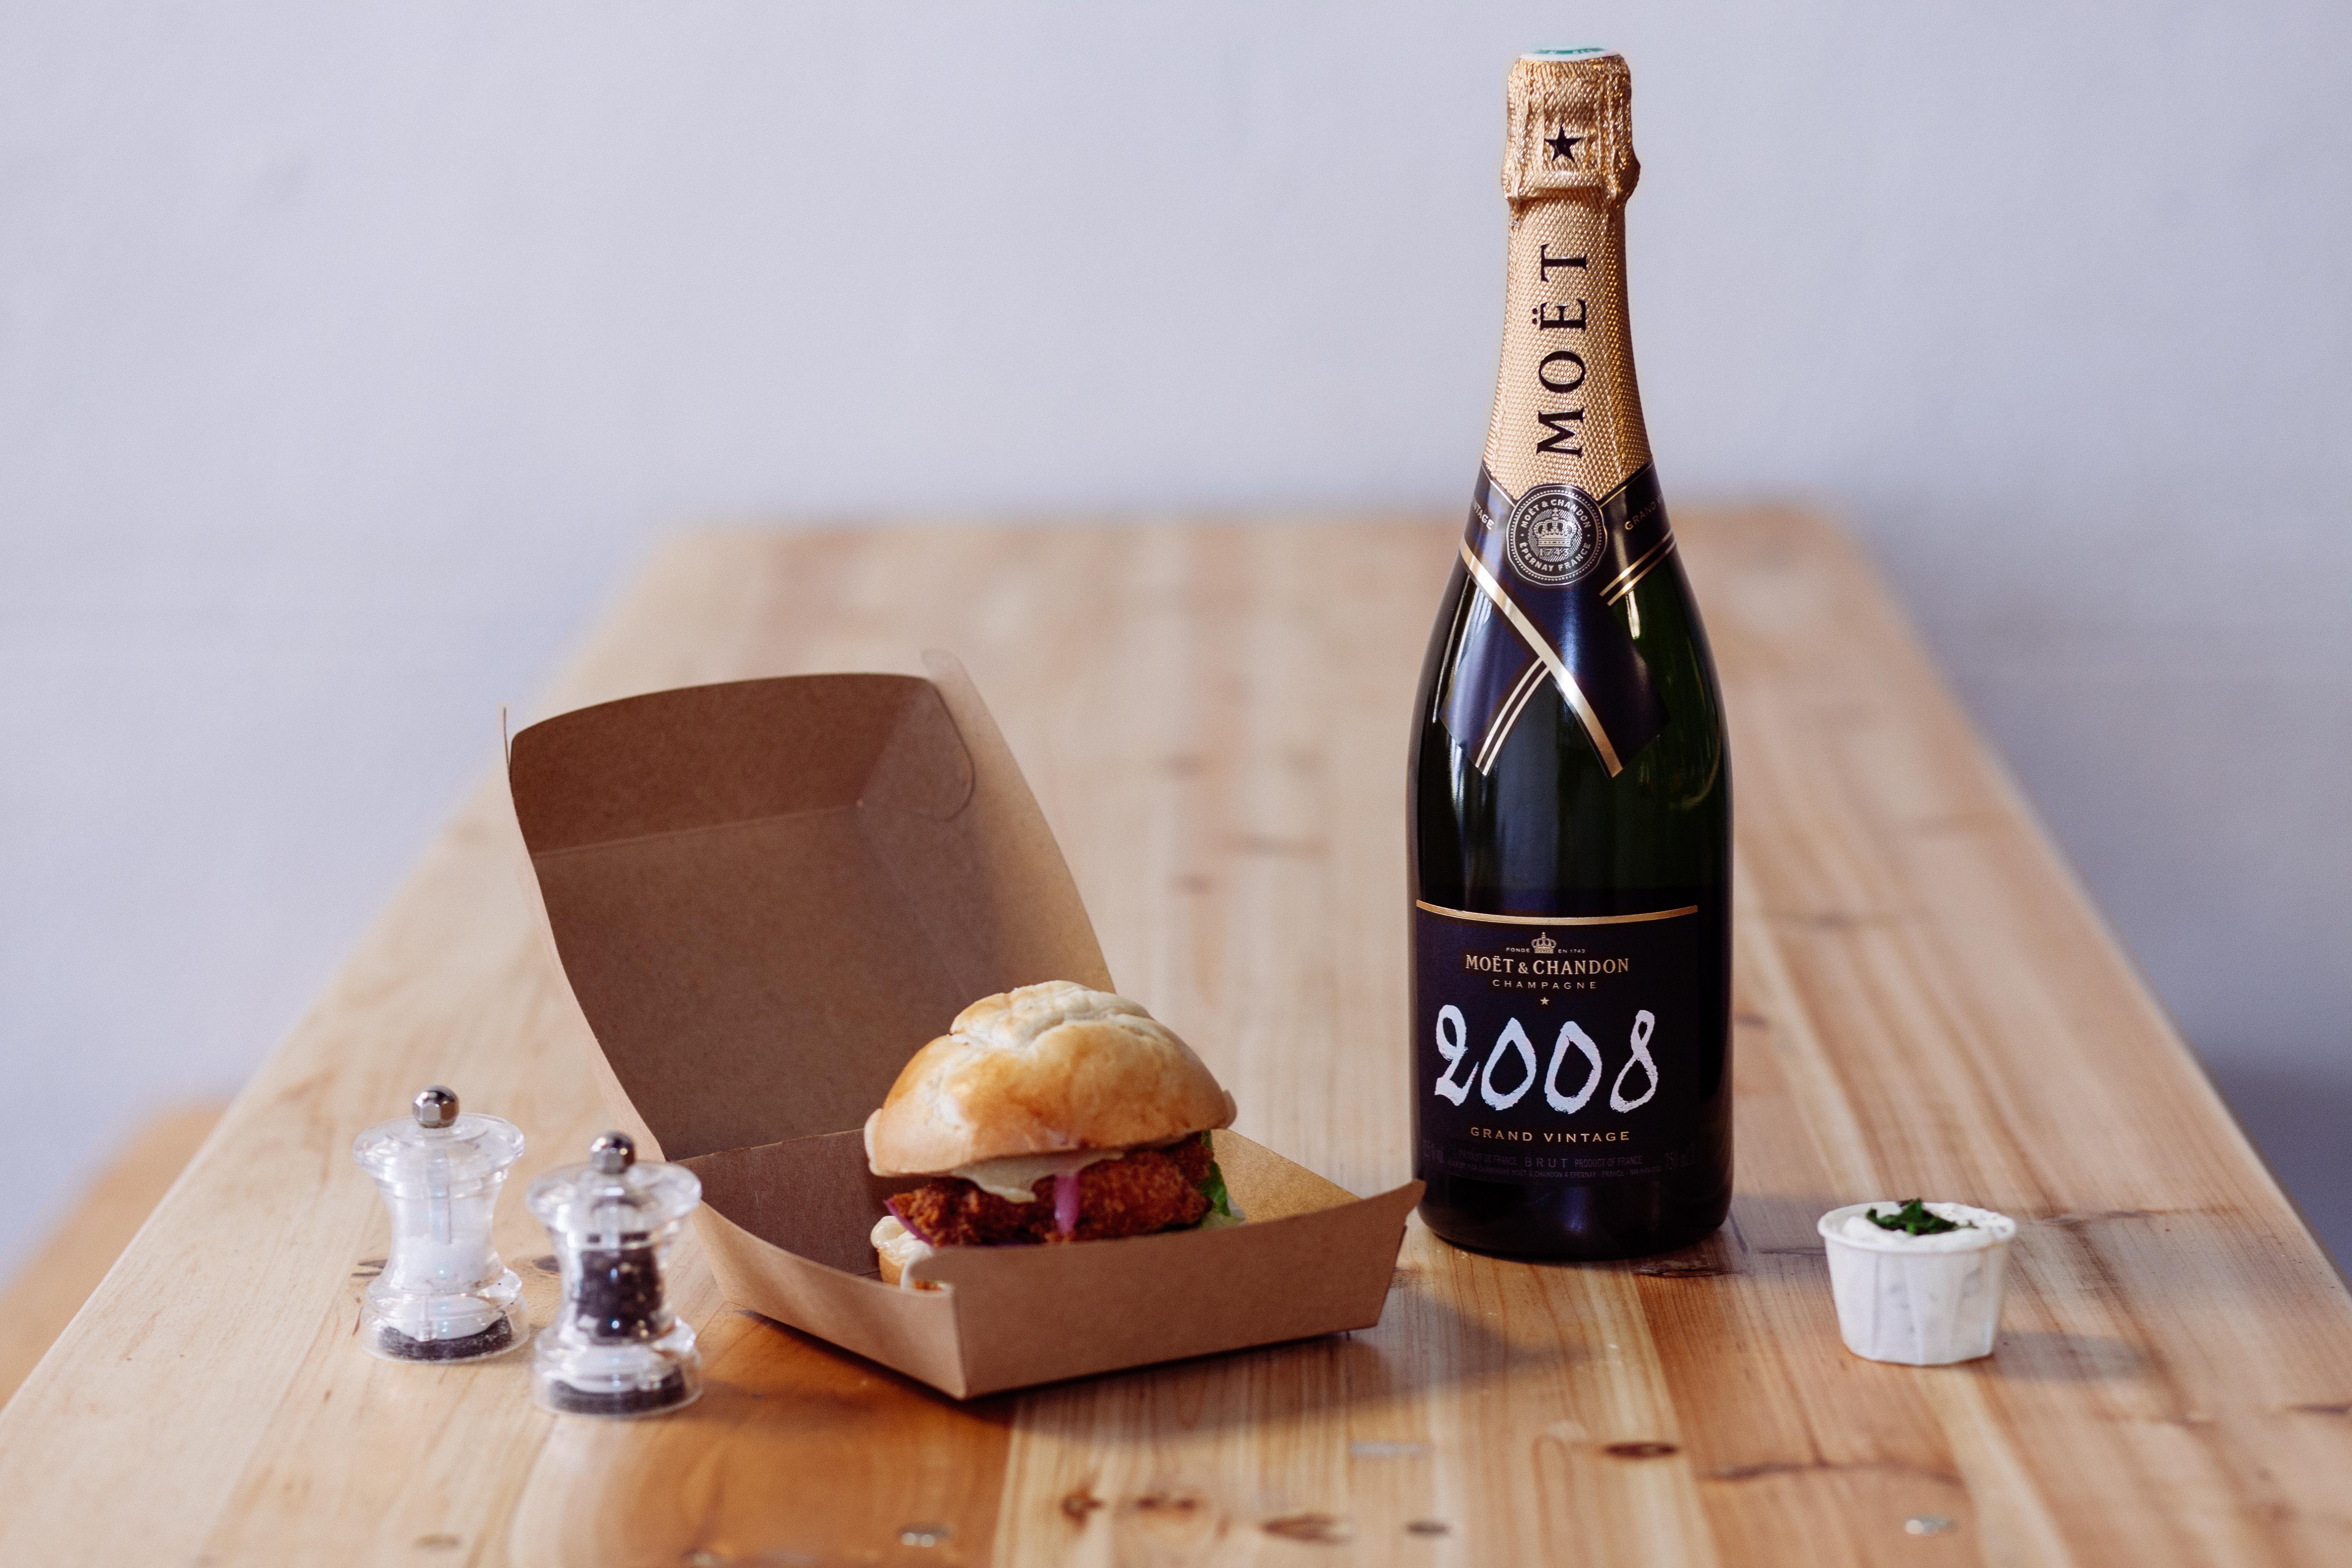 Maison-Moet-Burger-Le-Refectoire